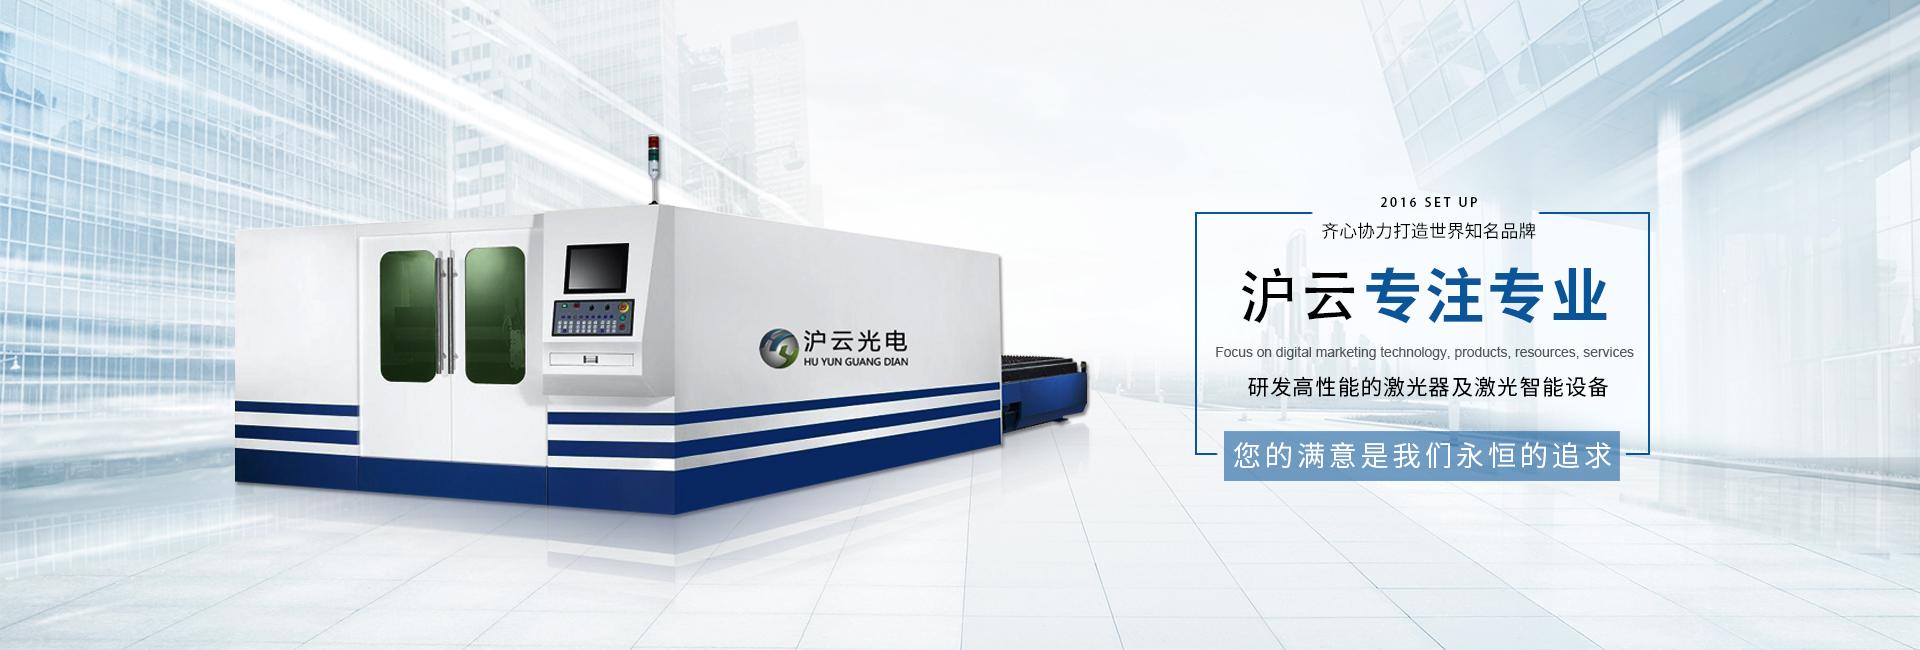 浙江沪云光电设备有限公司